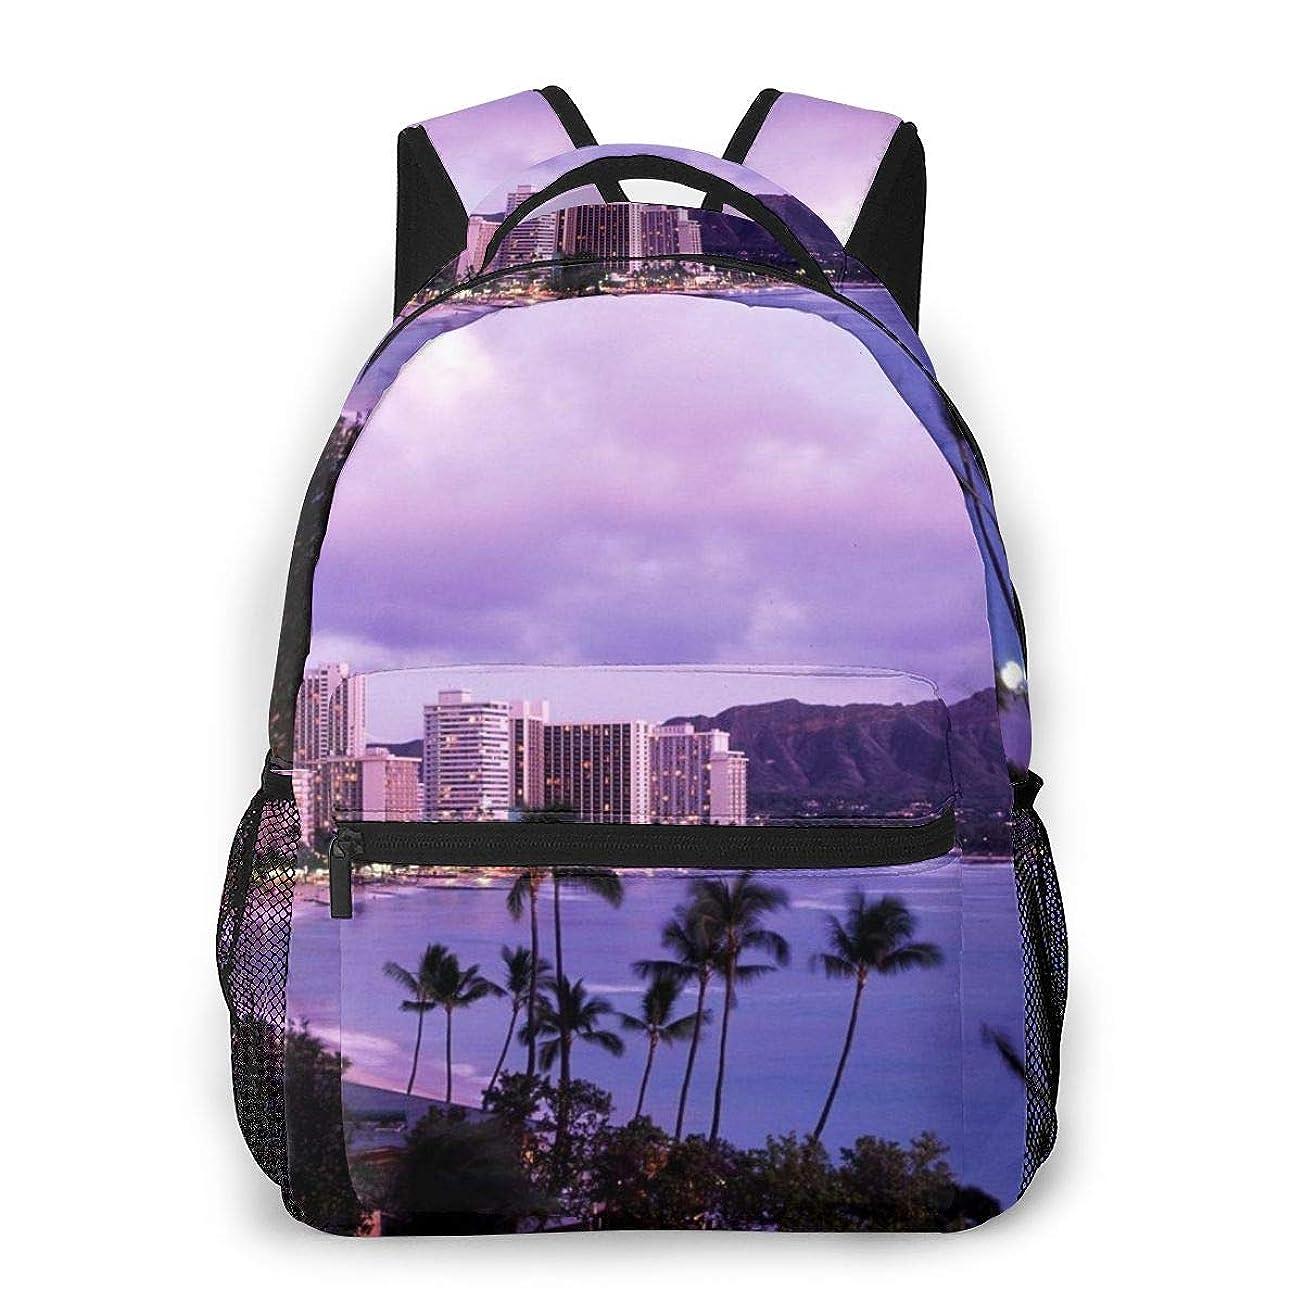 前進リークモーターZetena リ ュックリュックサック ハワイ 風景 バックパック デイパック おしゃれ 旅行 通学 通勤 15.6インチラップトップ収納可能 アウトドア 遠足 出張 男女兼用